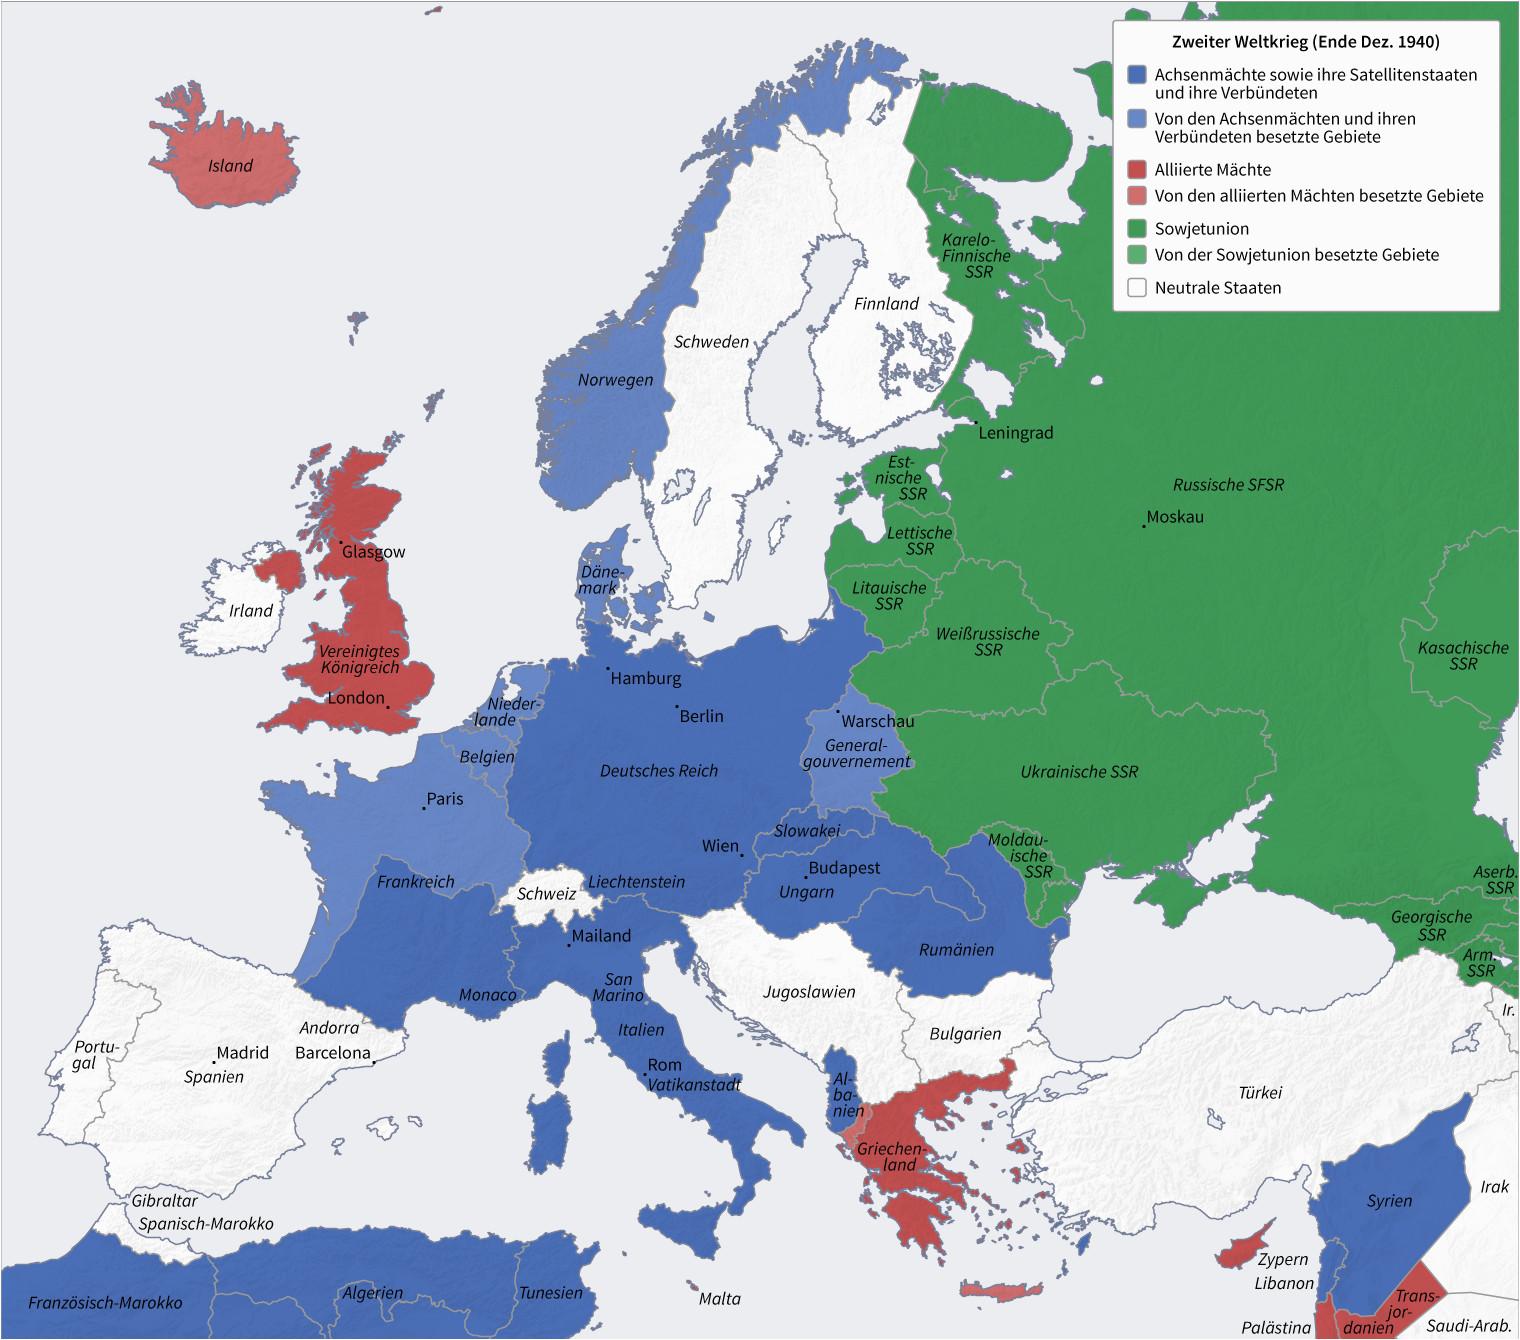 datei second world war europe 12 1940 de png wikipedia